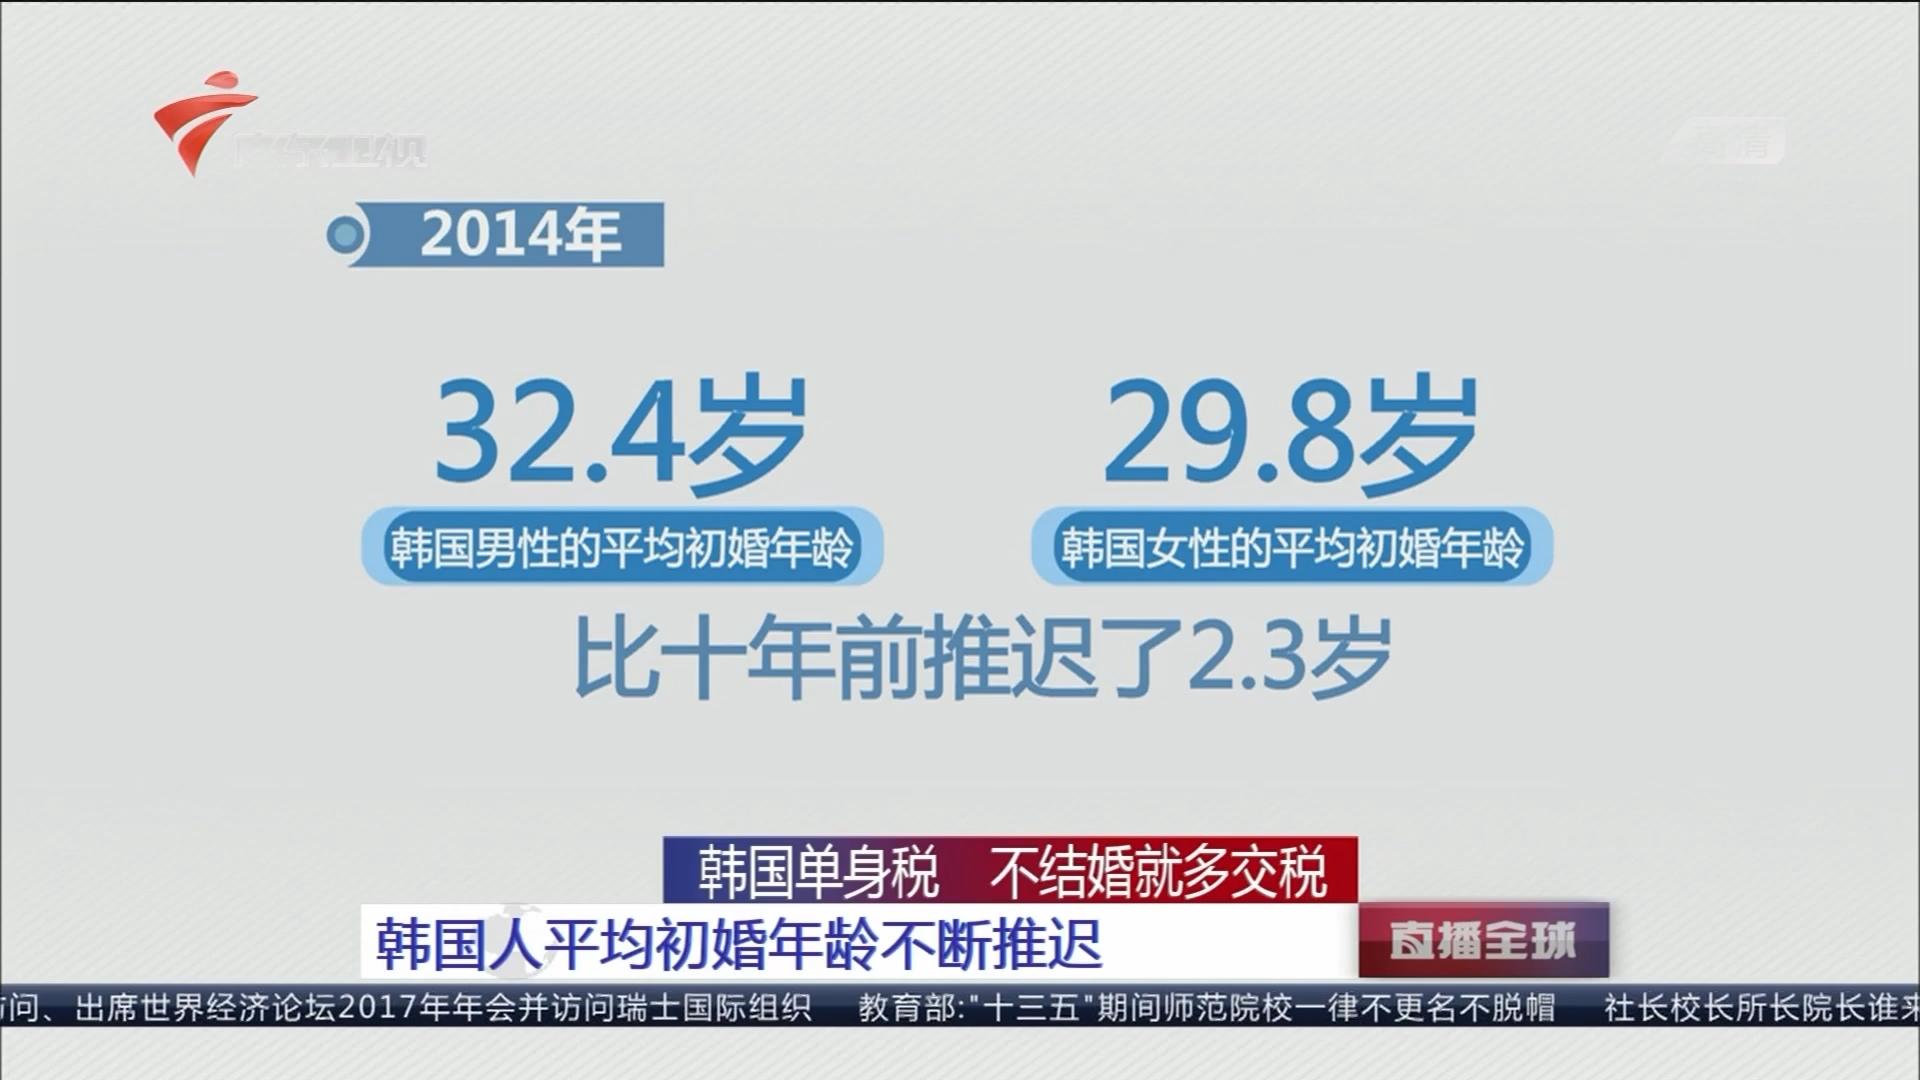 韩国单身税 不结婚就多交税:韩国人平均初婚年龄不断推迟